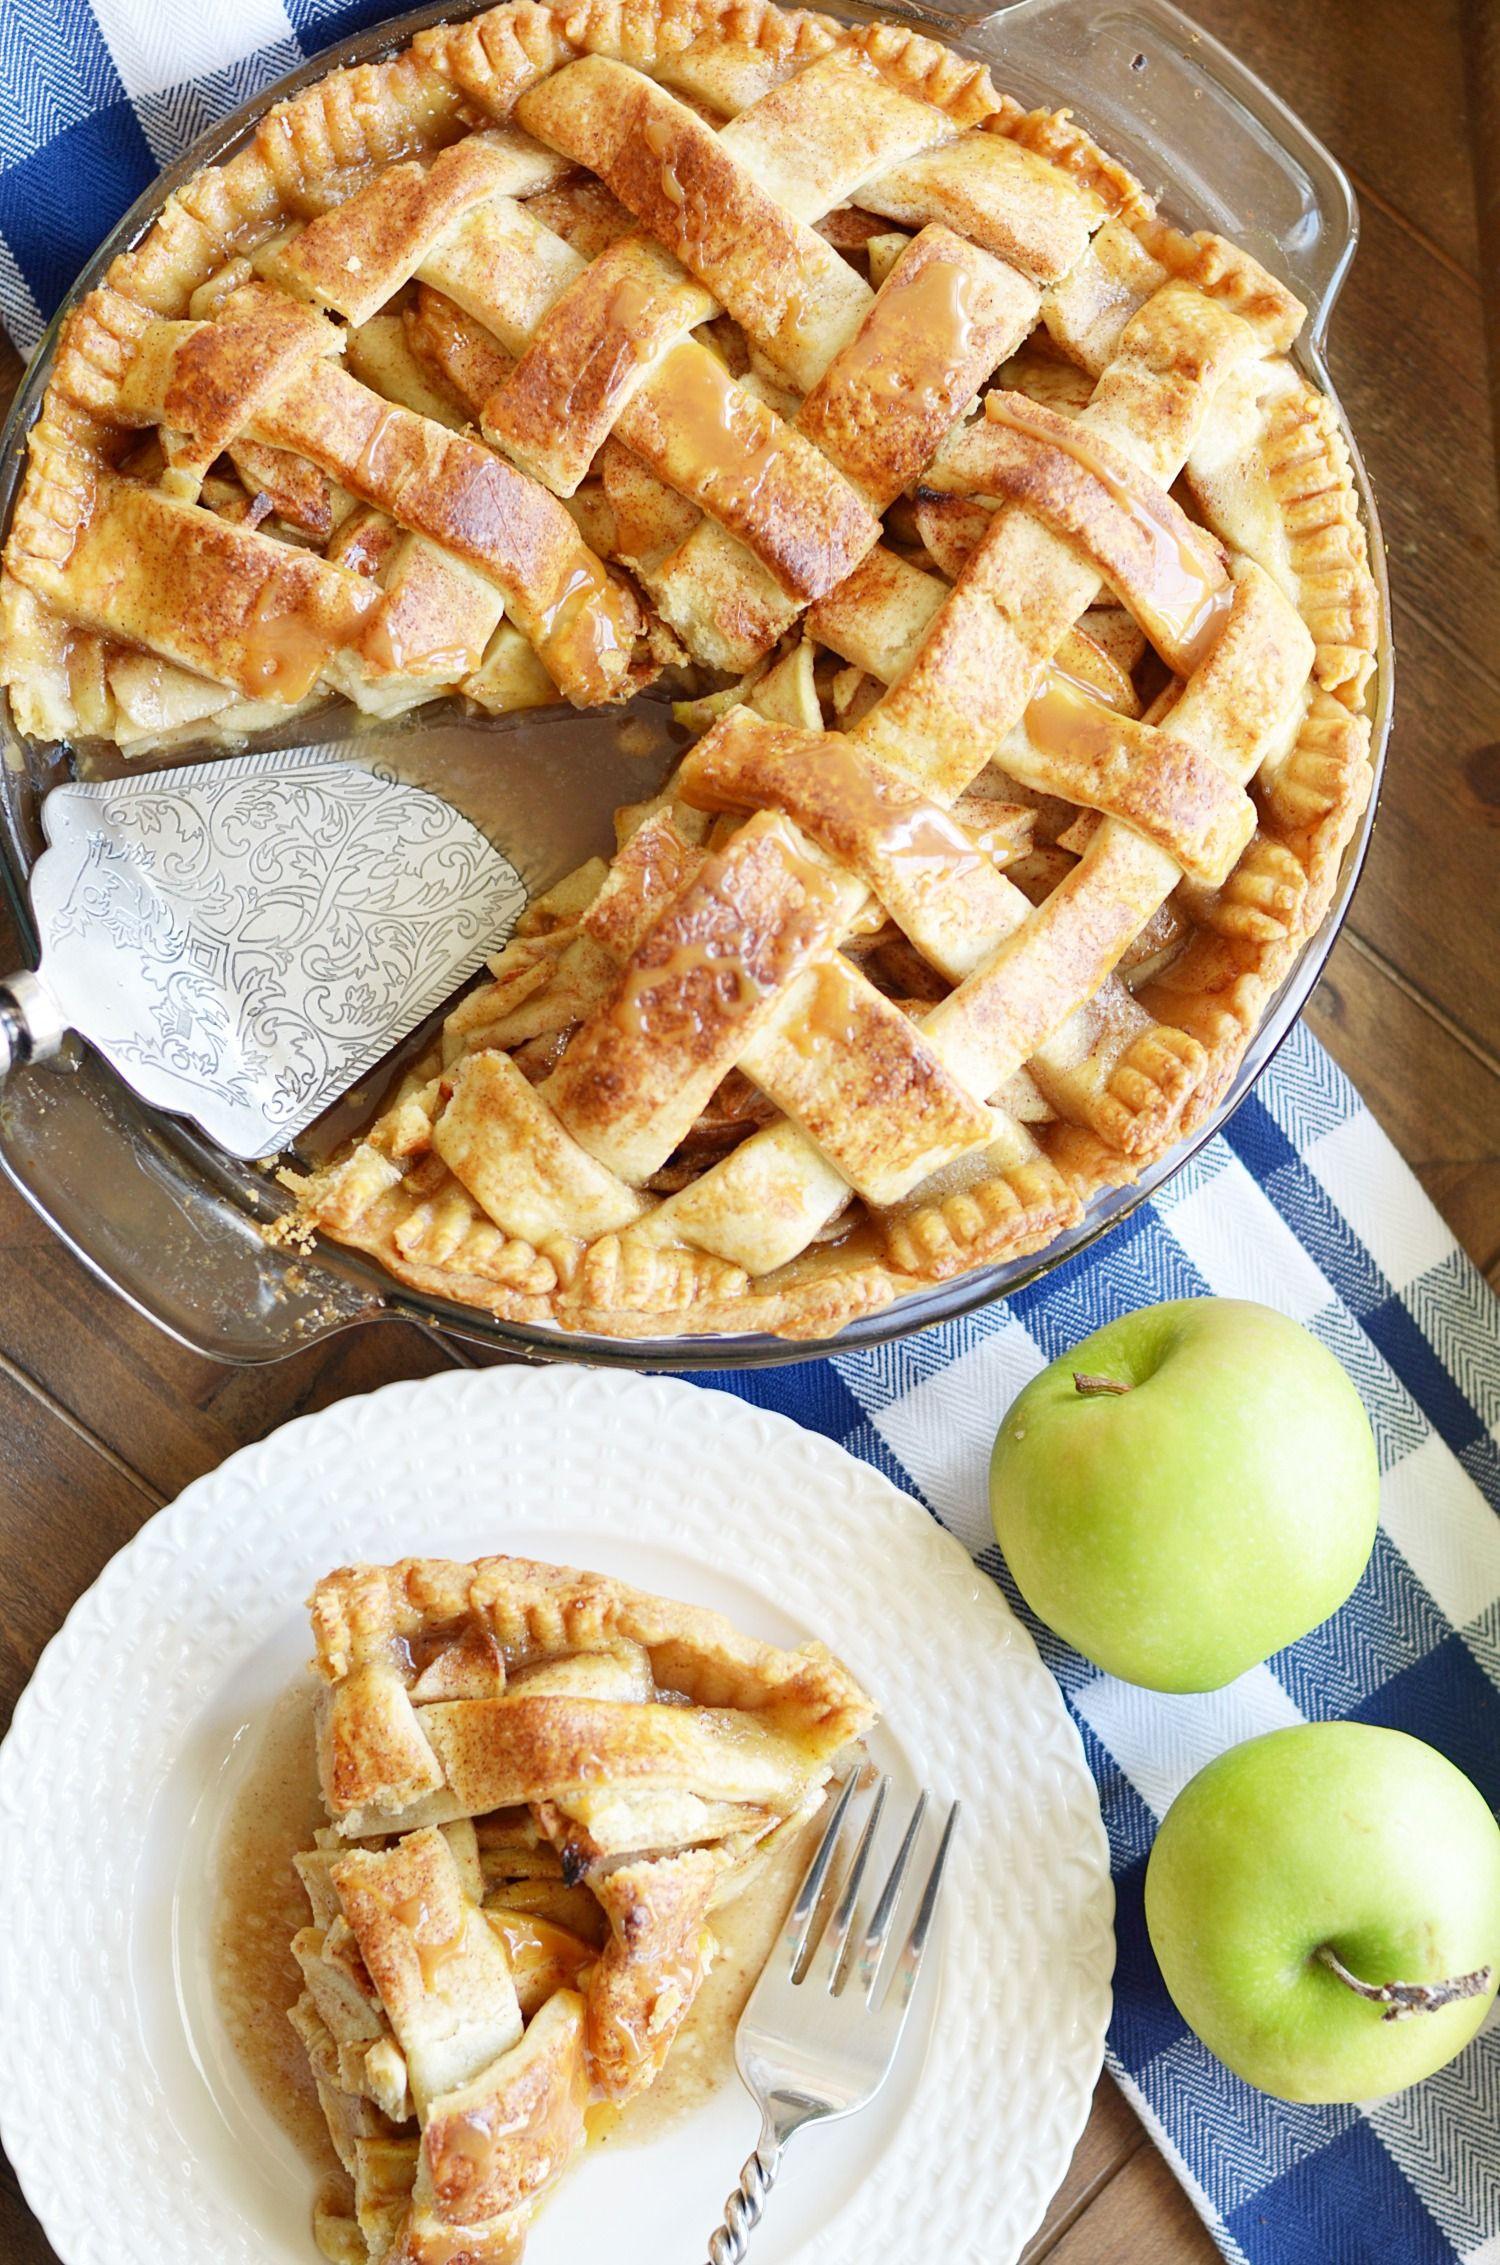 Paula Deen Thanksgiving Desserts  10 Dessert Recipes Straight From Paula Deen Herself